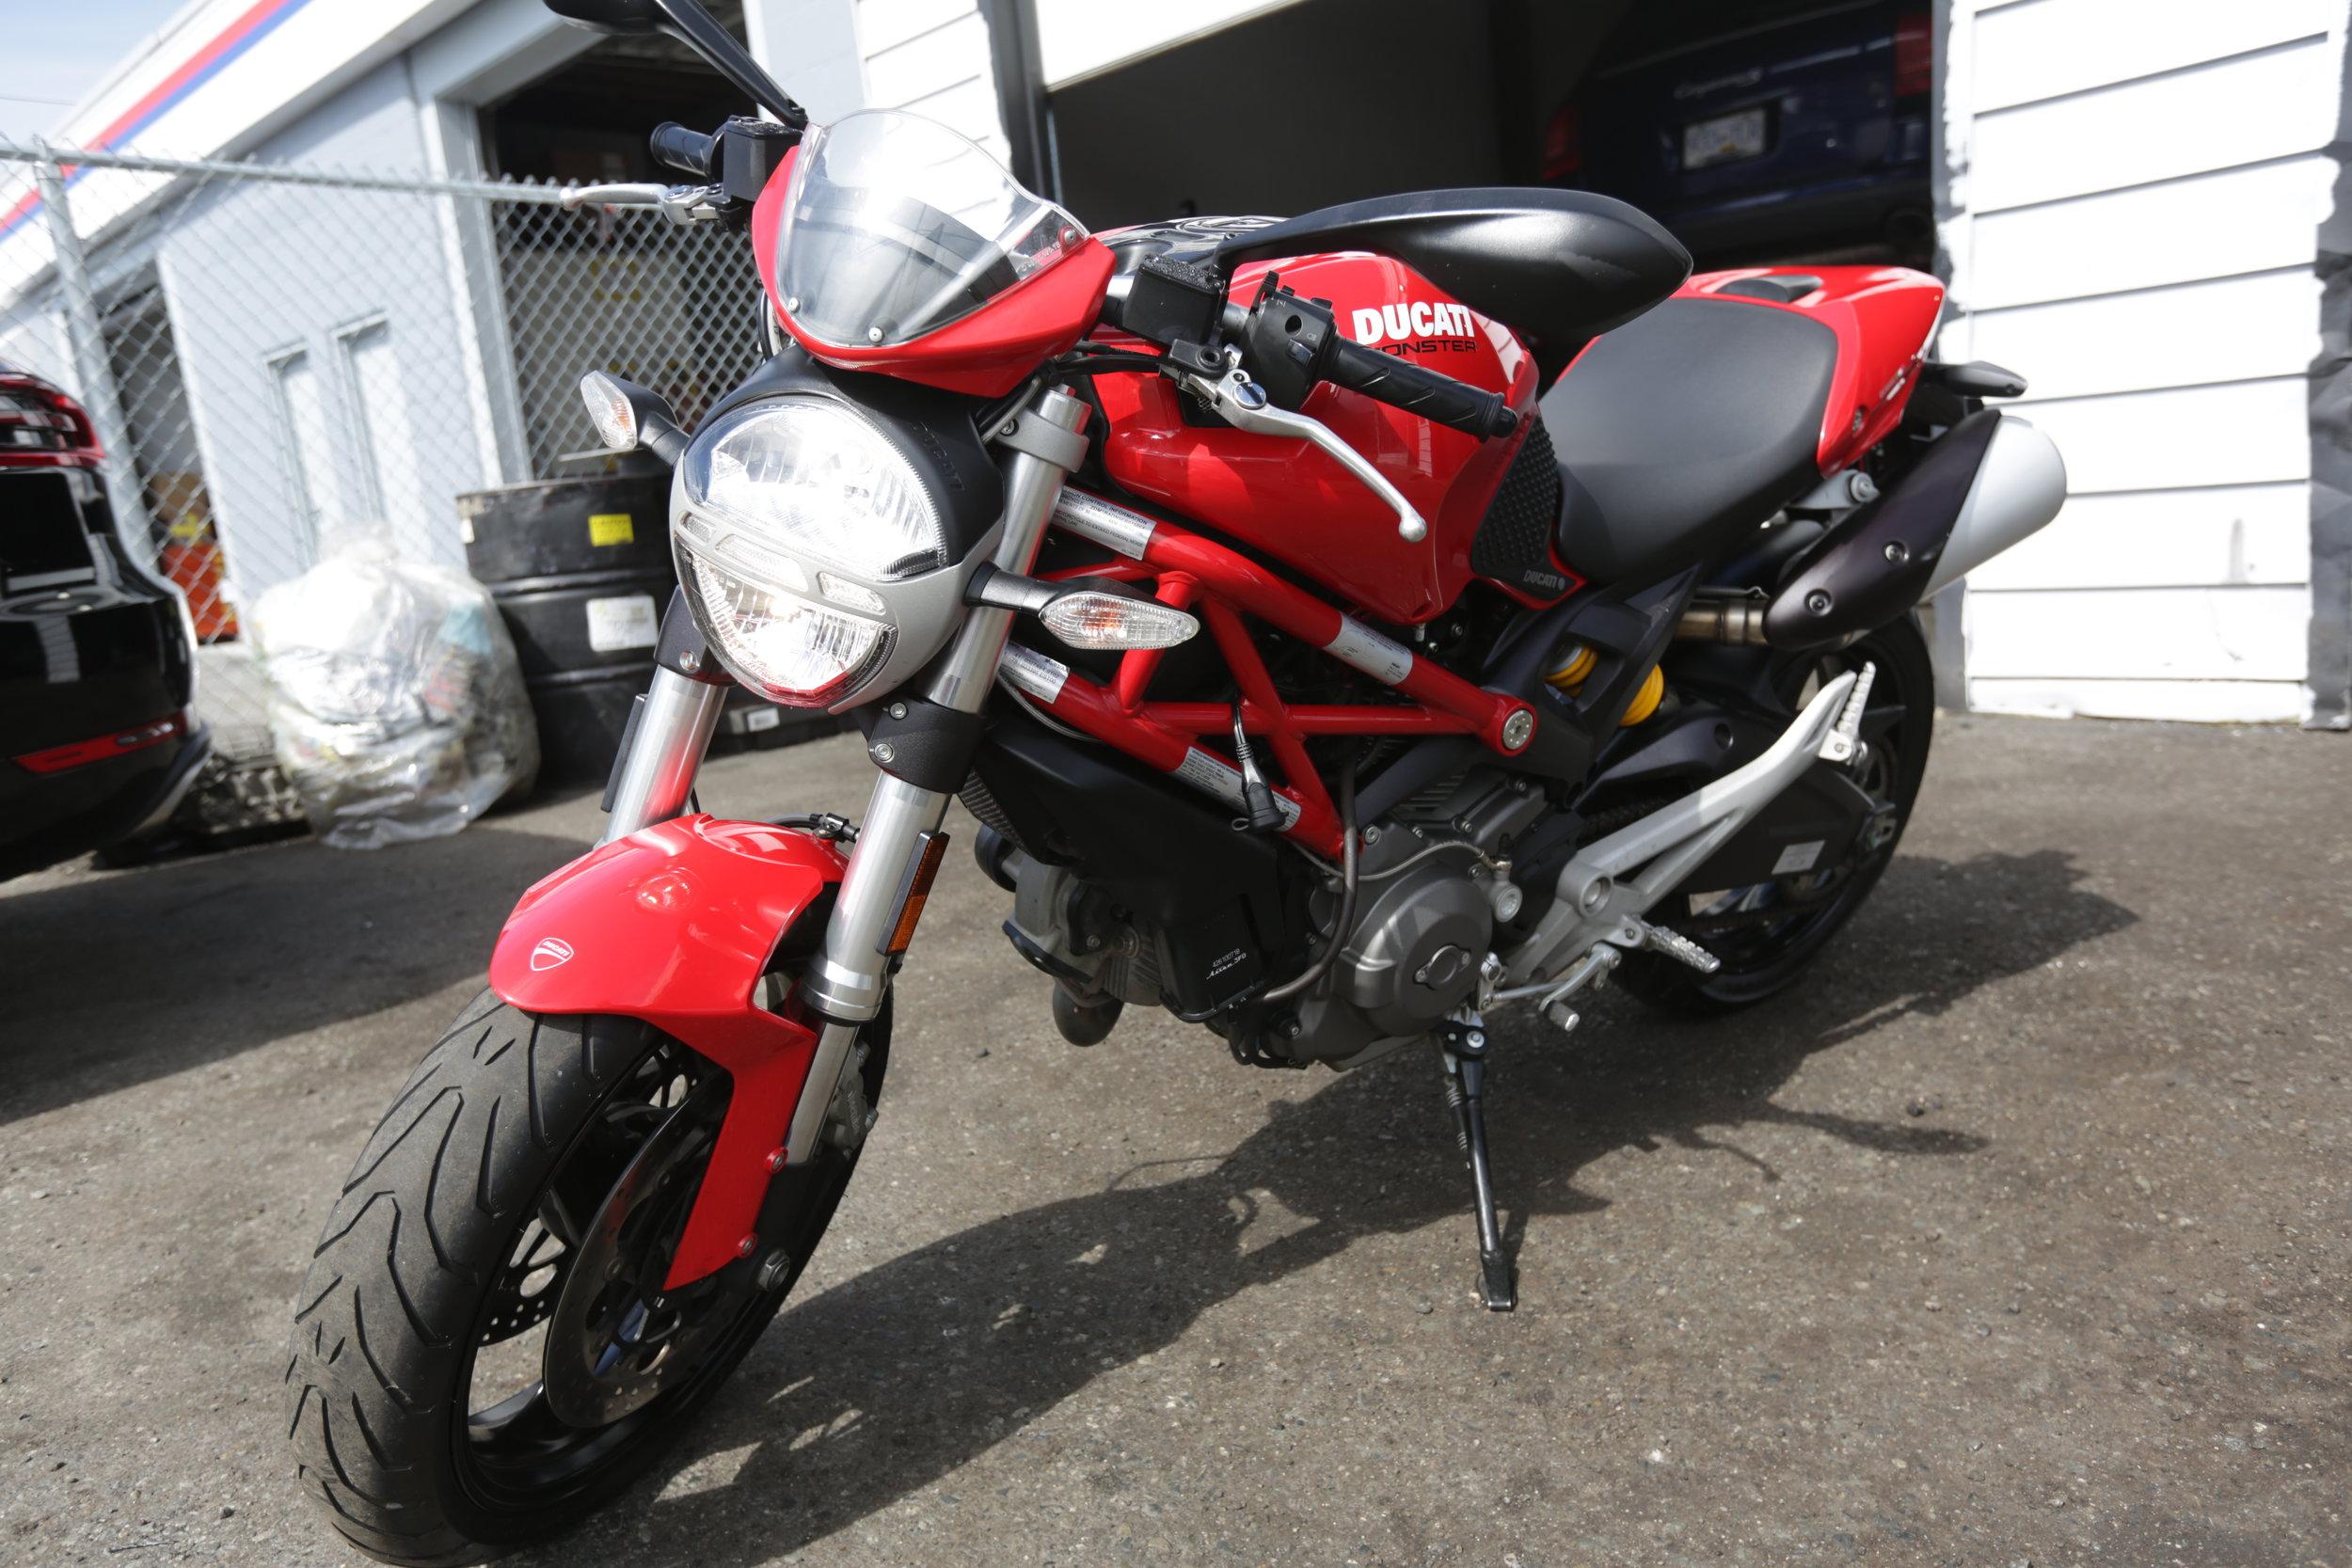 2012 ducati monster 696 -